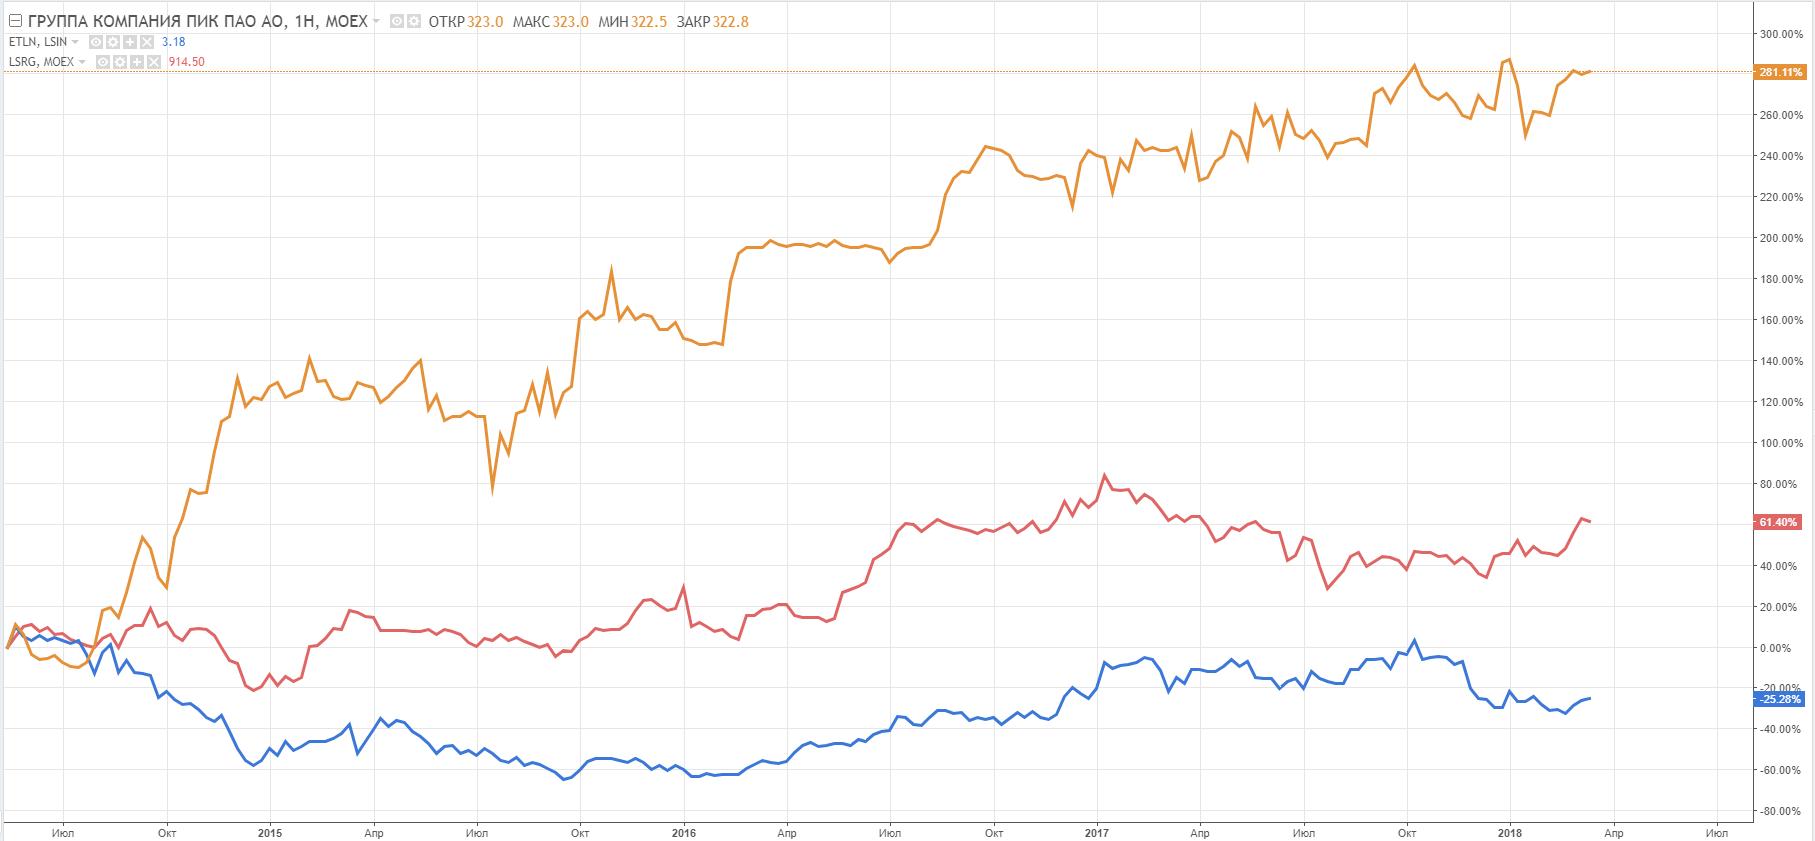 Сравнительный график динамики цен акций и расписок застройщиков, недельный таймфрейм, Эталон (синяя линия), ЛРС (розовая линия), ПИК (оранжевая линия)